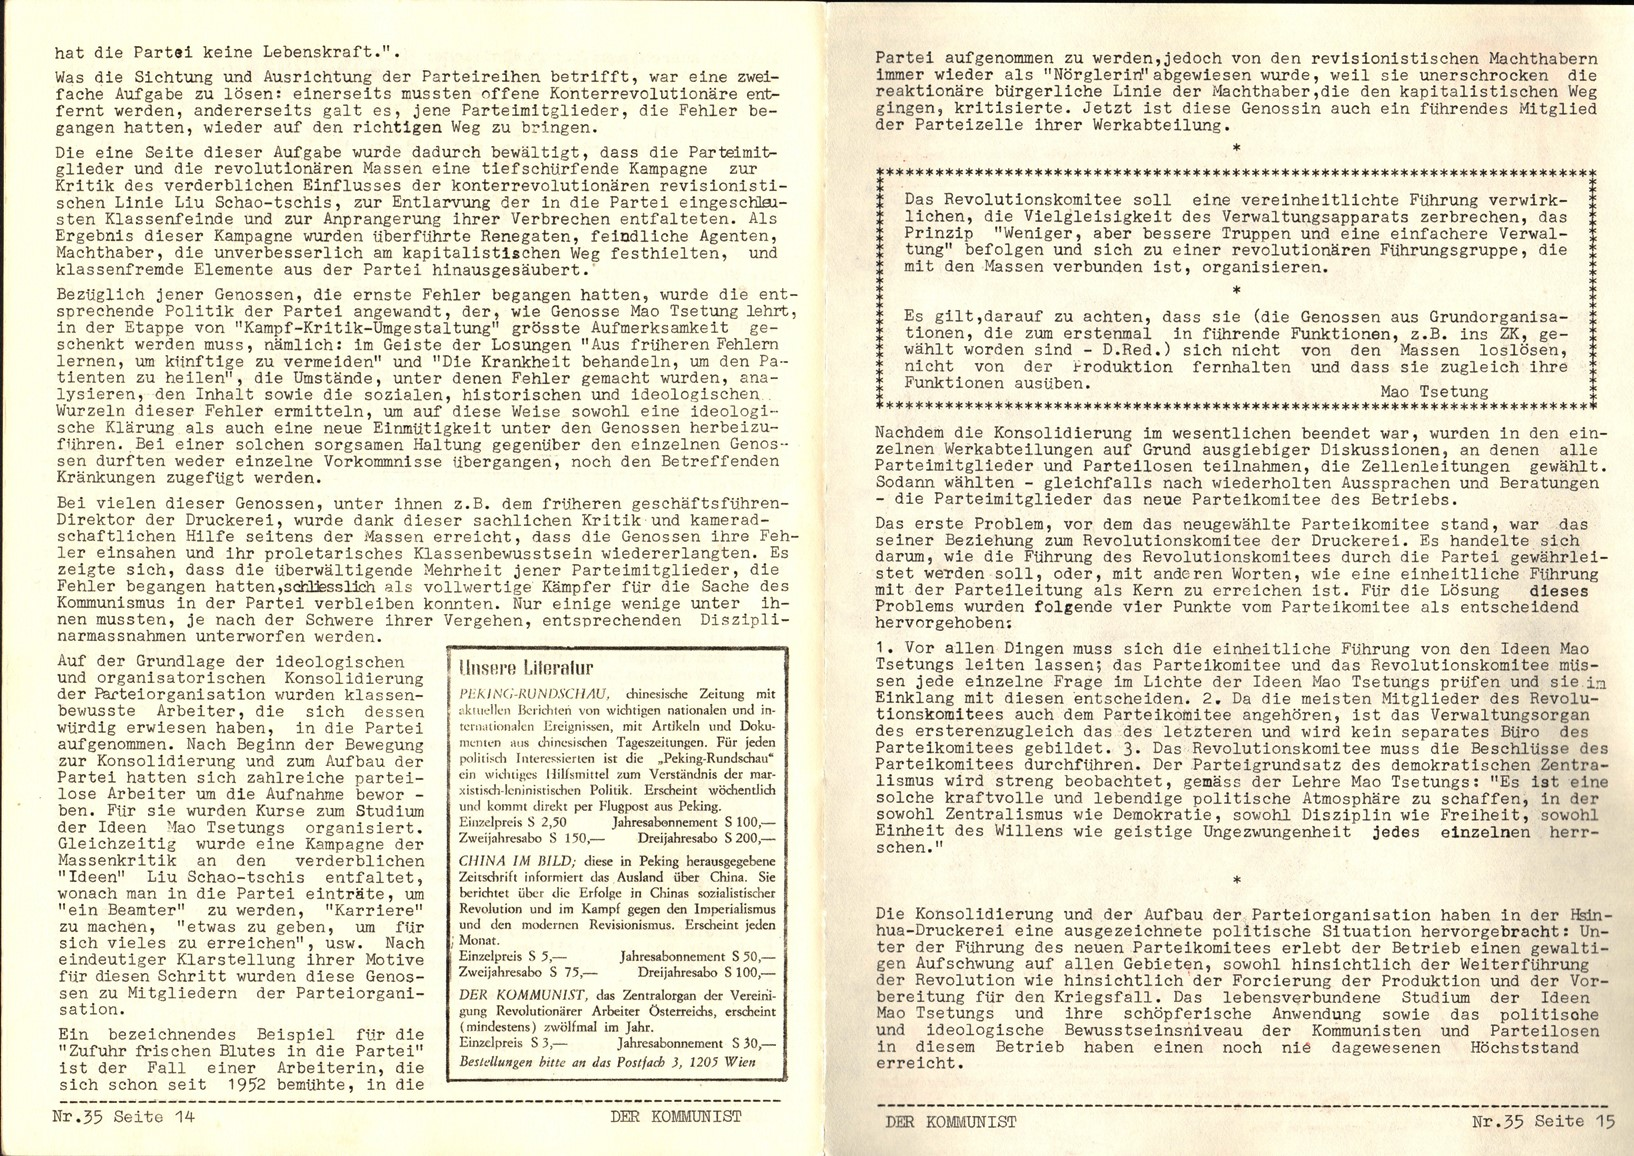 VRA_Der_Kommunist_19700100_08